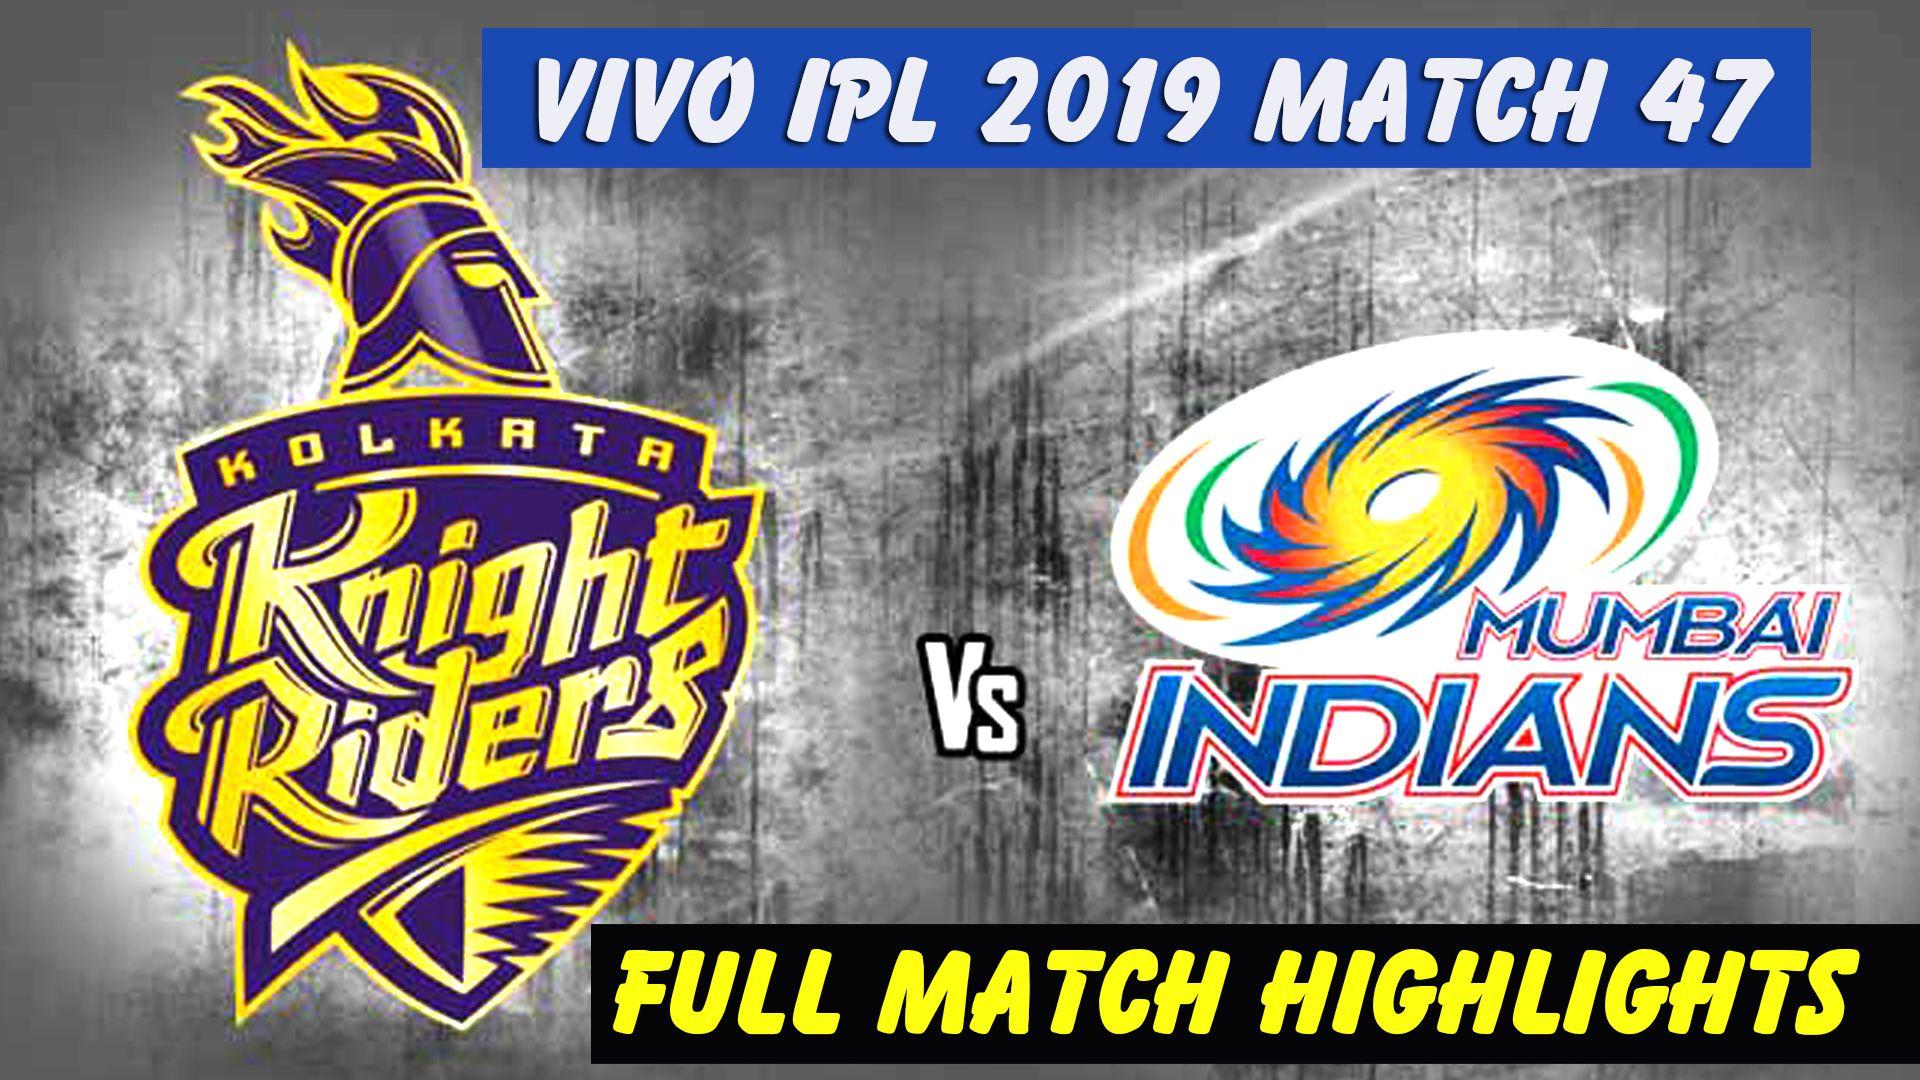 Match 47 Ipl 2019 Full Highlights Kkr Vs Mi Full Match